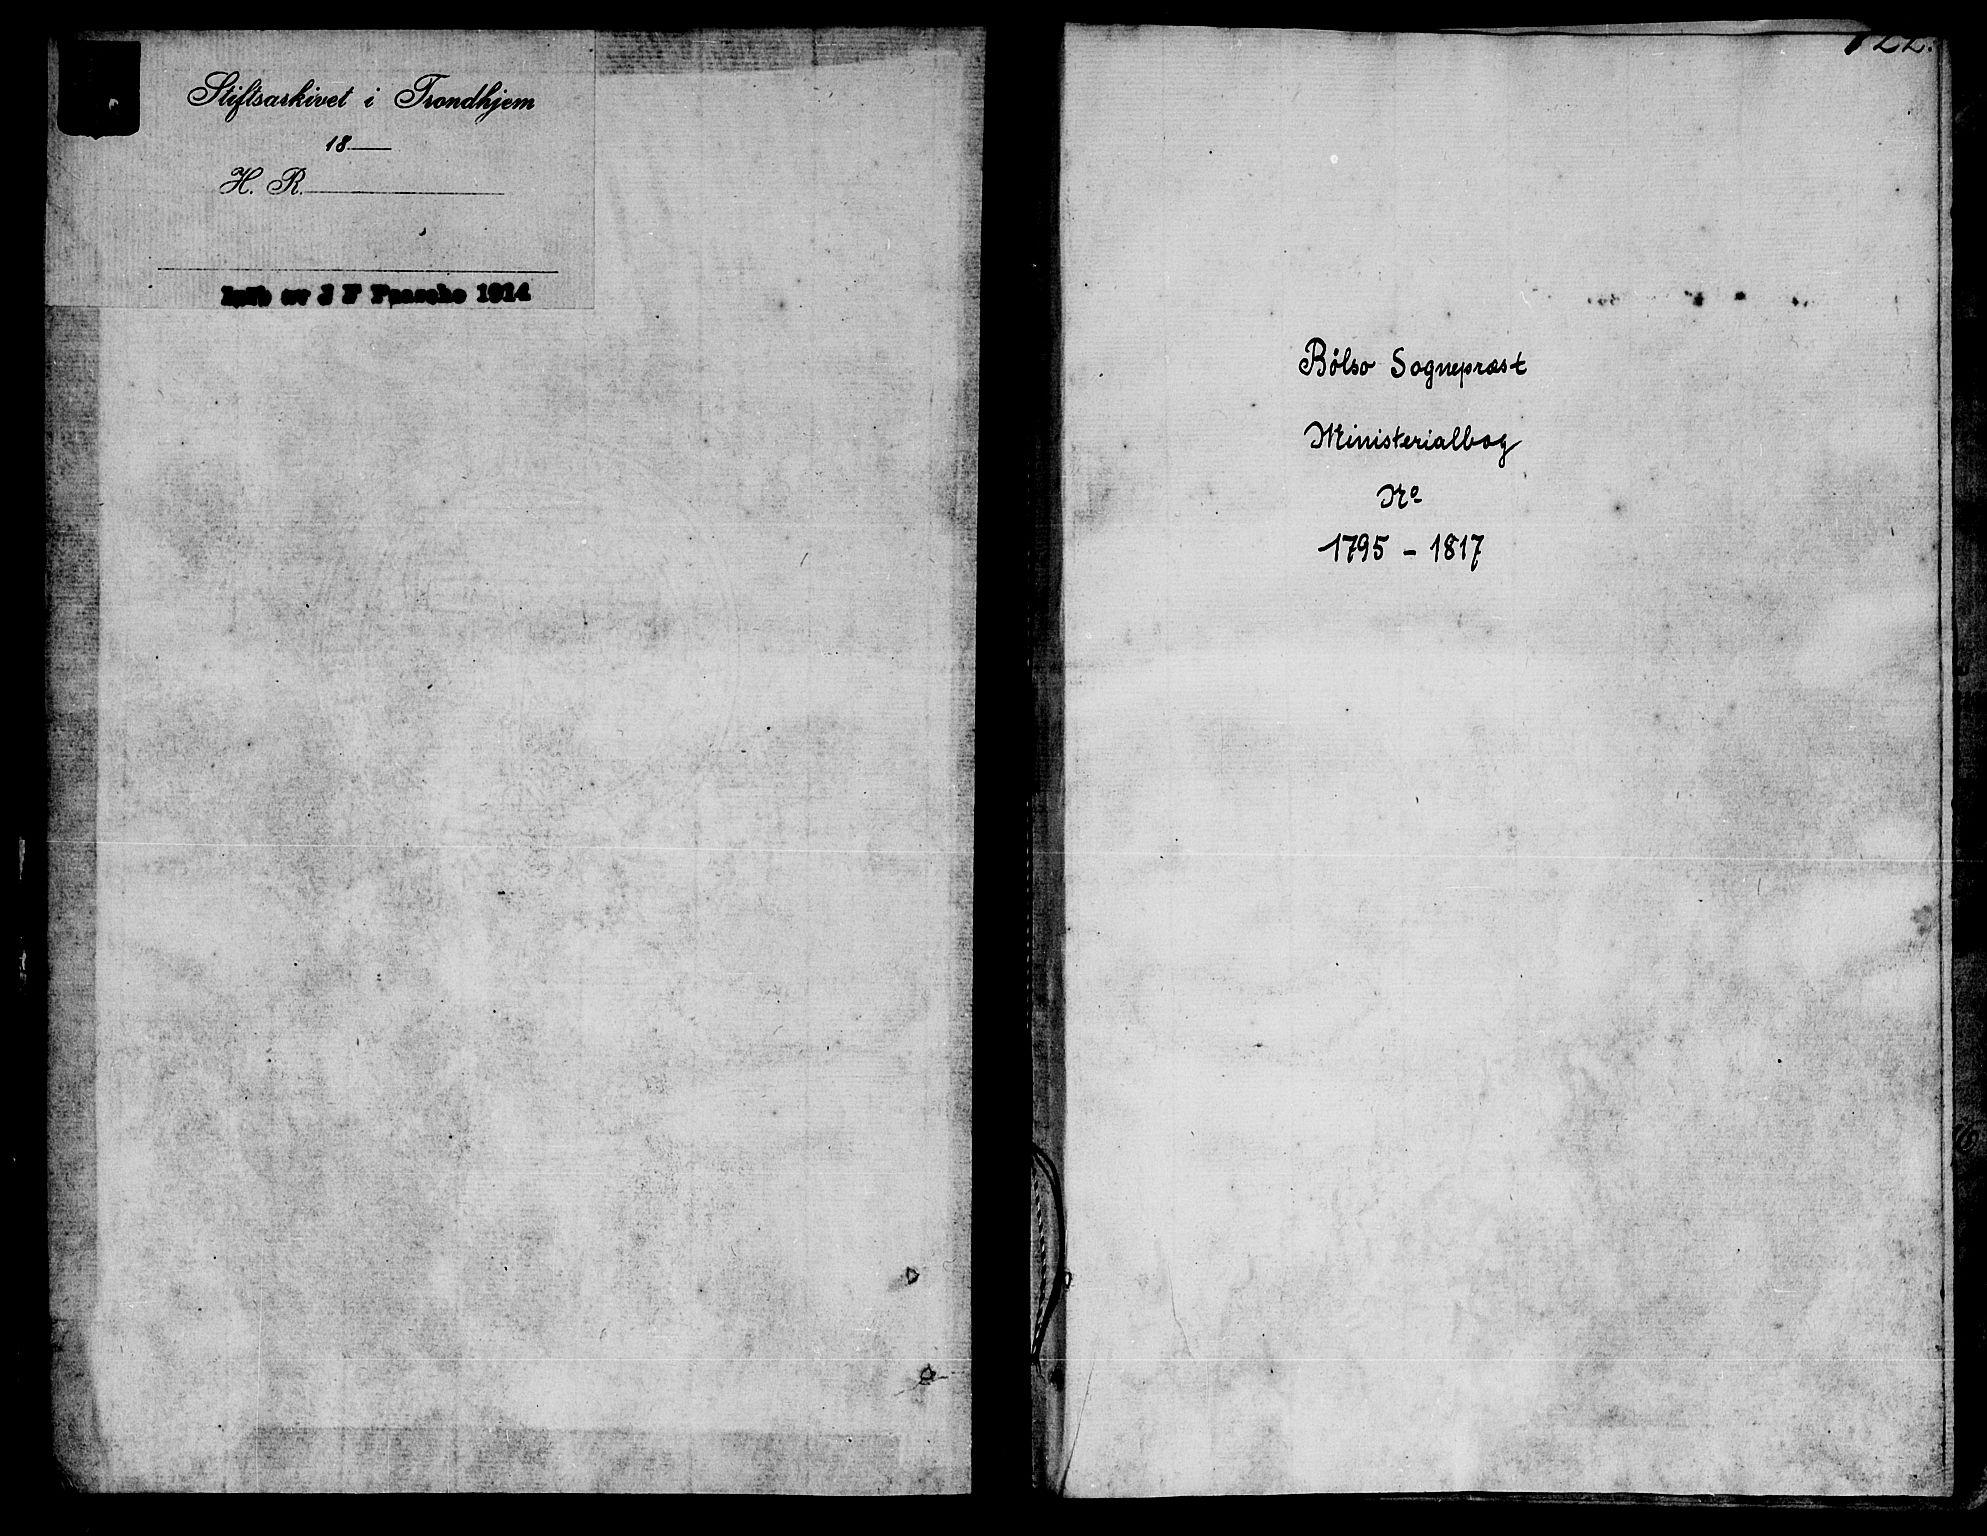 SAT, Ministerialprotokoller, klokkerbøker og fødselsregistre - Møre og Romsdal, 555/L0649: Ministerialbok nr. 555A02 /1, 1795-1821